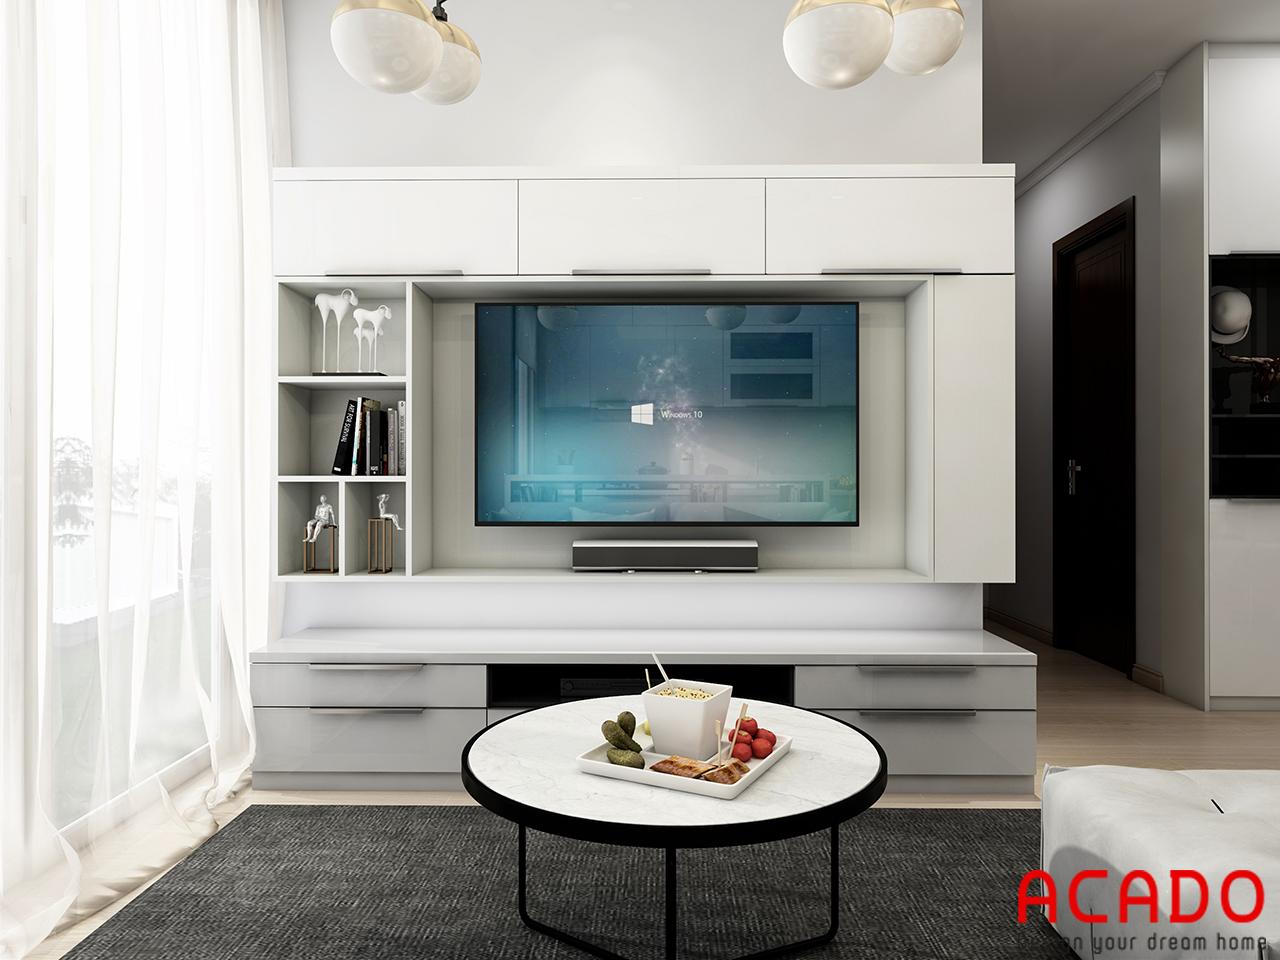 Thiết kế kệ tivi hiện đại chất liệu gỗ công nghiệp trắng tinh tế